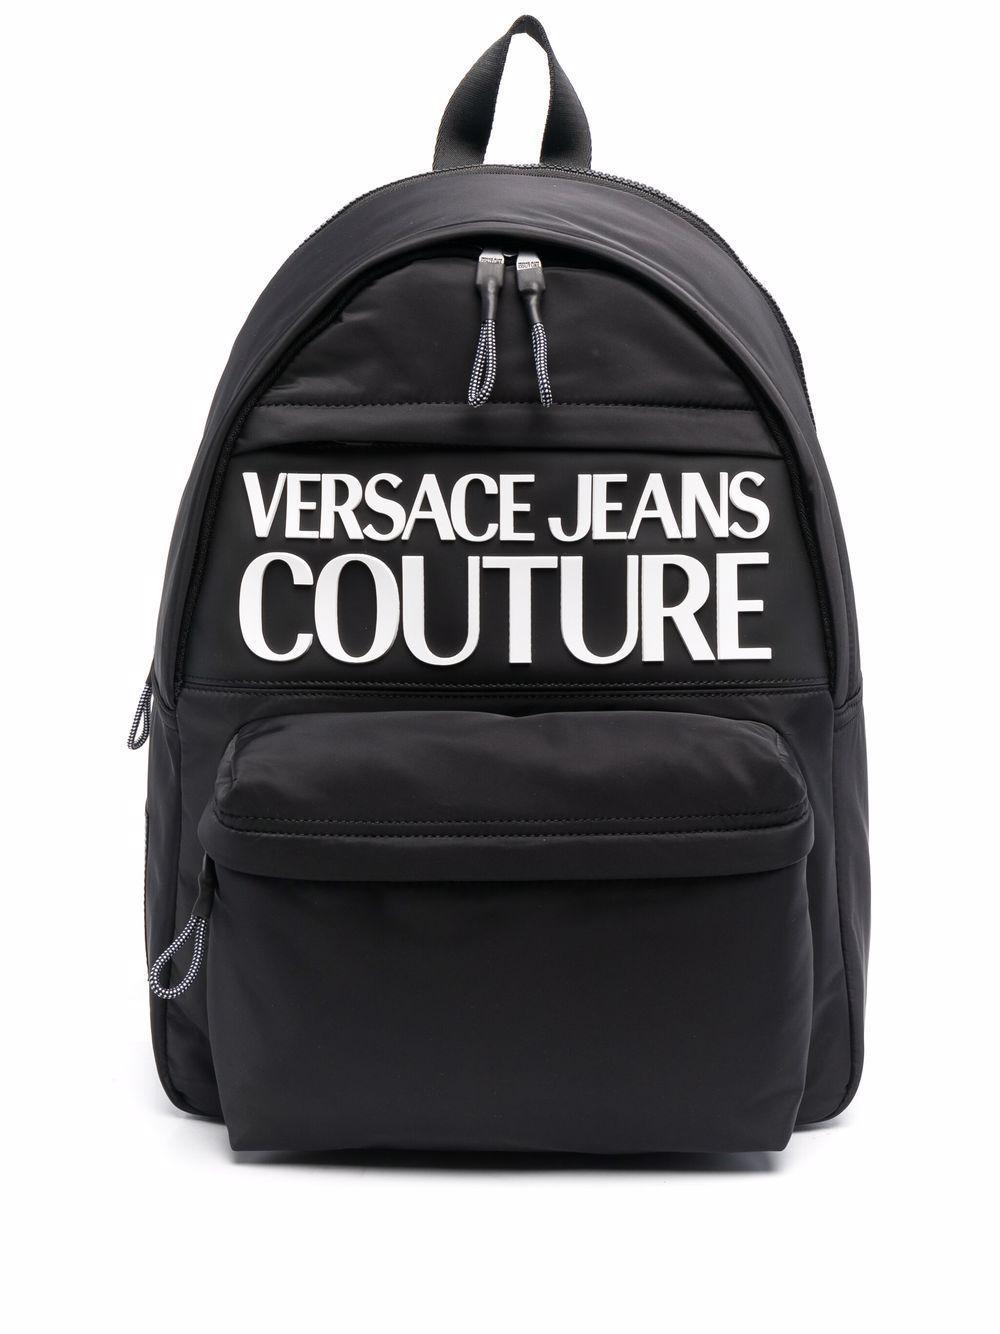 Versace jeans couture borse... nero